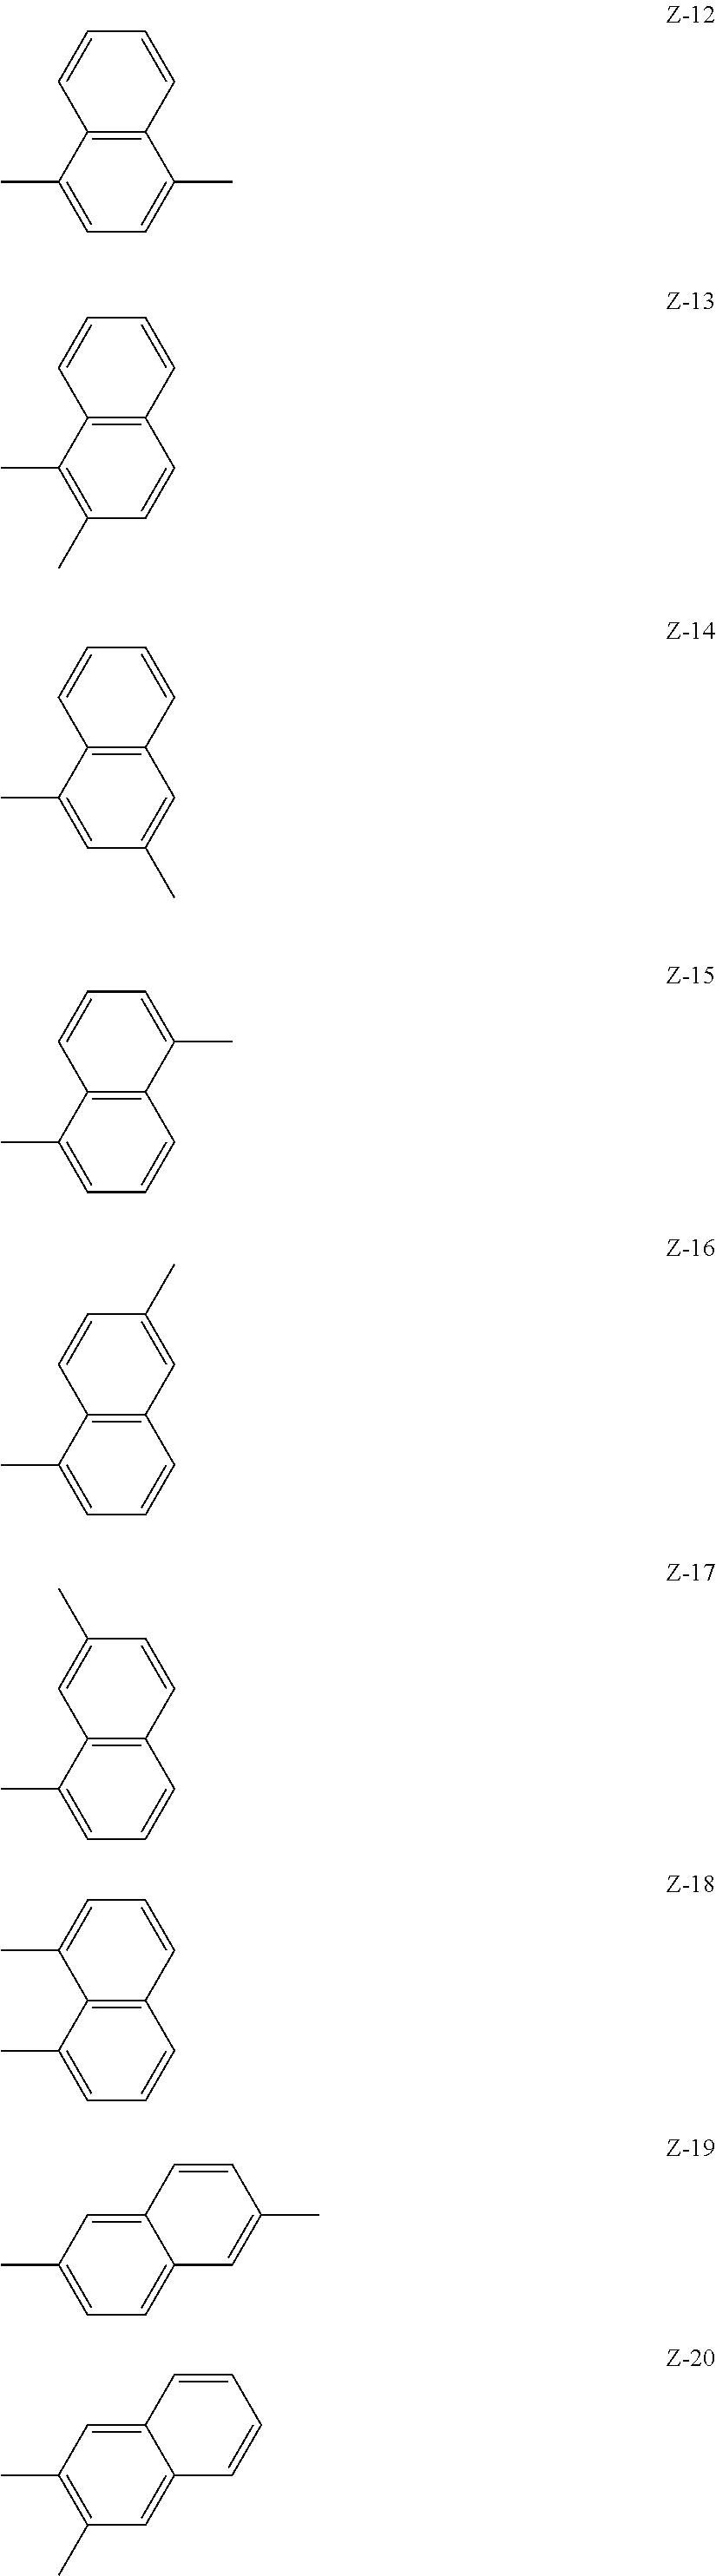 Figure US20110215312A1-20110908-C00033